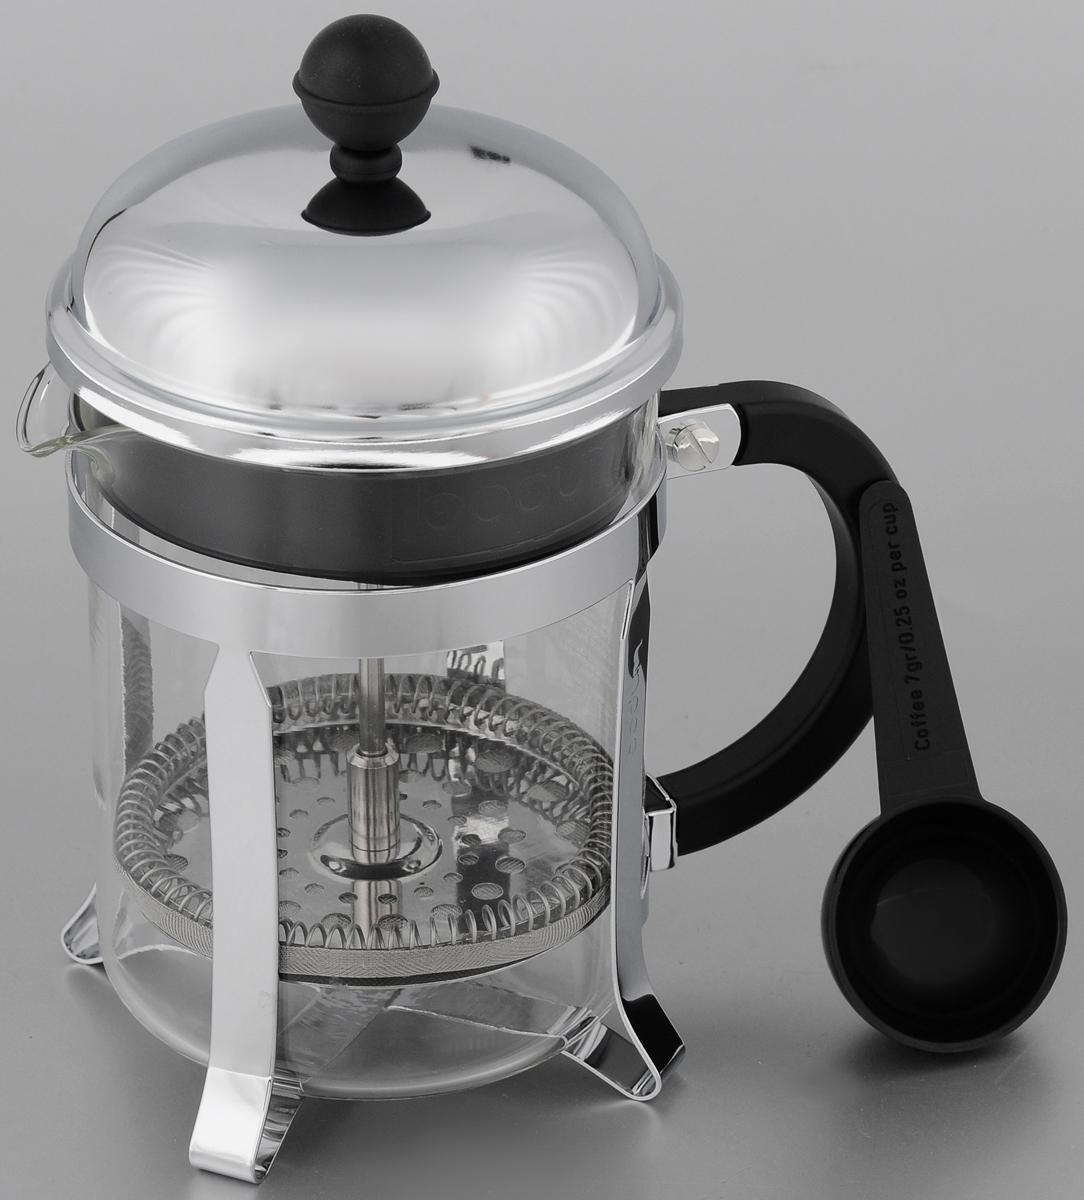 Френч-пресс Bodum Chambord, с мерной ложкой, 500 мл. 1924-161924-16Френч-пресс Bodum Bean позволит быстро и просто приготовить свежий и ароматный чай или кофе. Корпус изготовлен из высококачественного жаропрочного стекла, устойчивого к окрашиванию, царапинам и термошоку. Фильтр-поршень из нержавеющей стали выполнен по технологии press-up для обеспечения равномерной циркуляции воды. Готовить напитки с помощью френч-пресса очень просто. С помощью мерной ложечки насыпьте внутрь заварку и залейте кипятком. Остановить процесс заваривания легко. Для этого нужно просто опустить поршень, и заварка уйдет вниз, оставляя вверху напиток, готовый к употреблению. Заварочный чайник с прессом - это совершенный чайник для ежедневного использования. Практичный и стильный дизайн полностью соответствует последним модным тенденциям в создании предметов кухонной утвари. Можно мыть в посудомоечной машине. Диаметр френч-пресса (по верхнему краю): 10 см. Высота френч-пресса (с учетом крышки): 19,5 см. Длина ложки:...